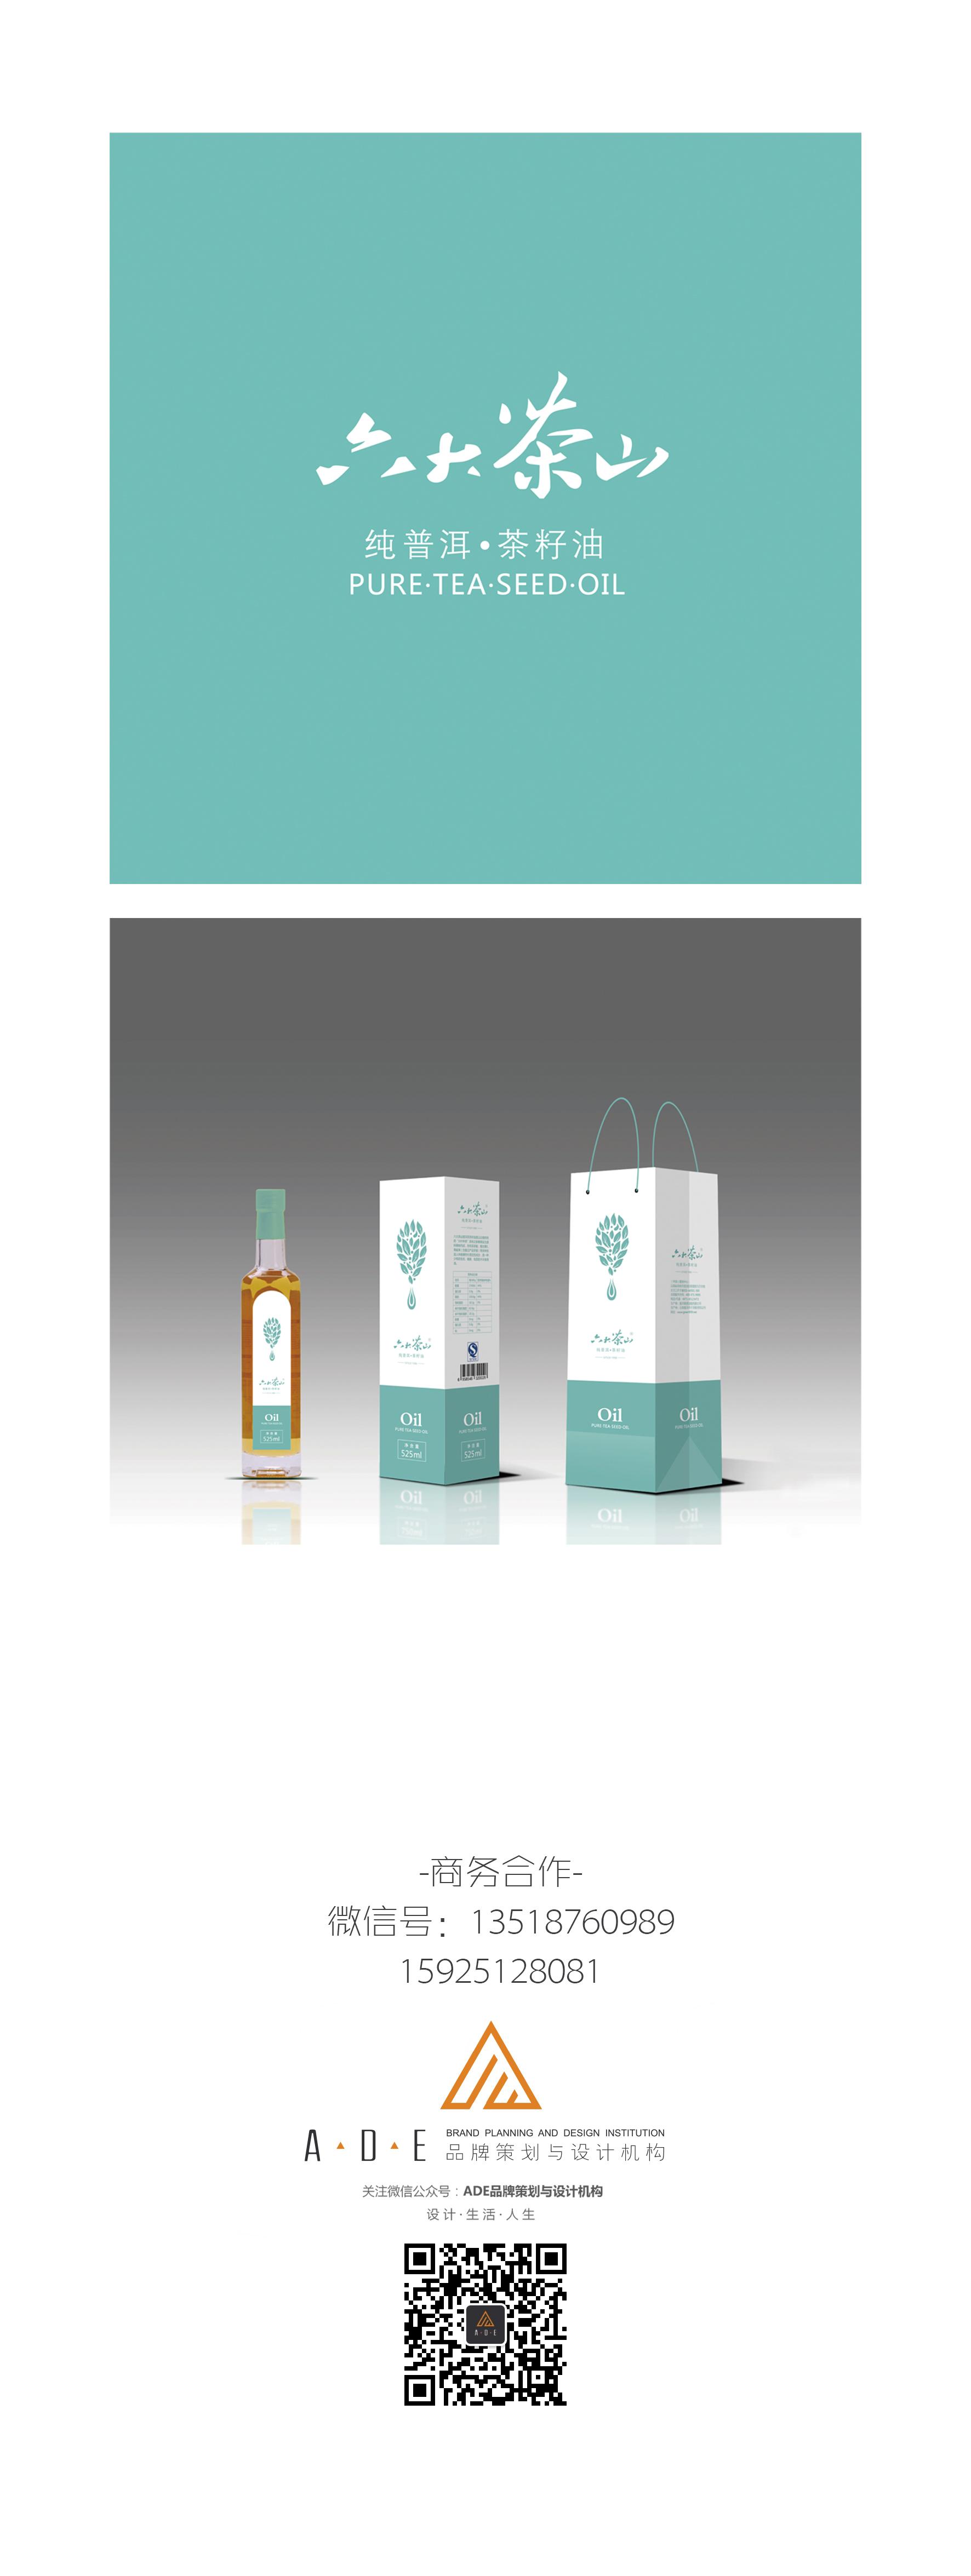 品牌沟通推广,品牌营销策划,vi设计,包装设计,广告创意,文案表现等.图片